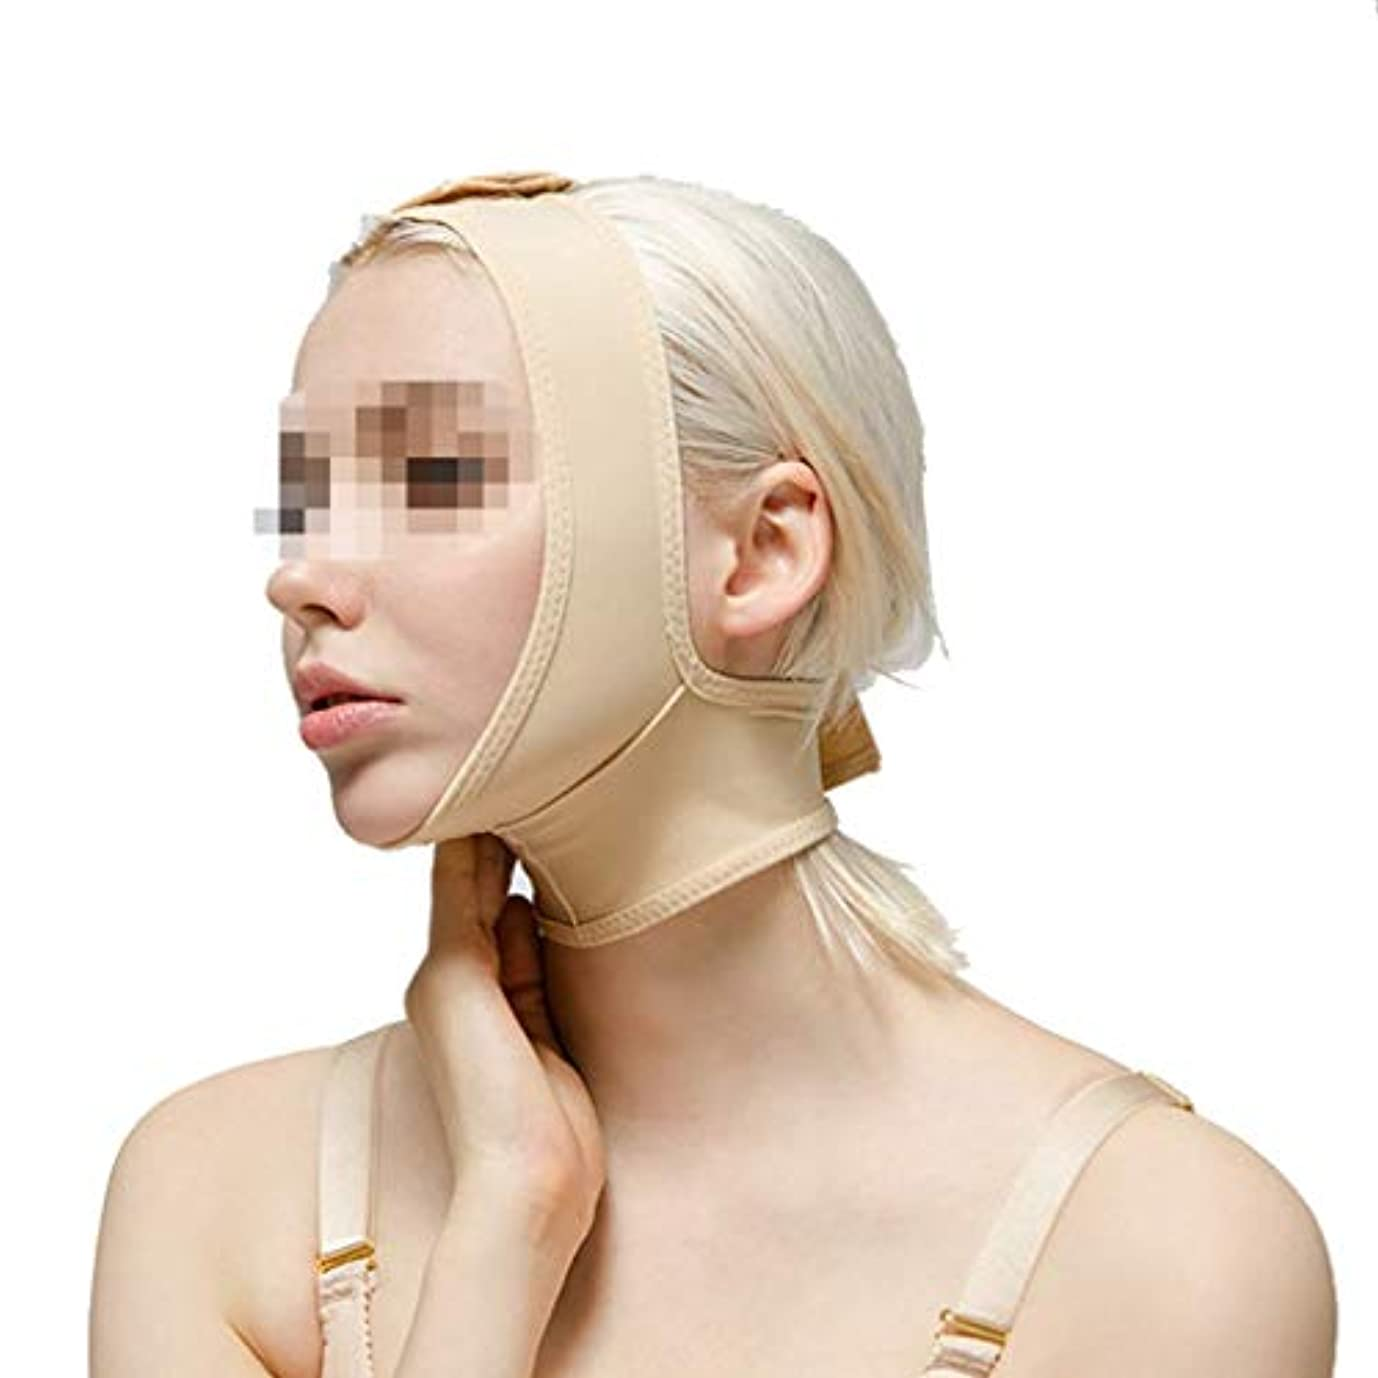 叫ぶ早める炭素術後伸縮性スリーブ、下顎束フェイスバンデージフェイシャルビームダブルチンシンフェイスマスクマルチサイズオプション(サイズ:L),XXL